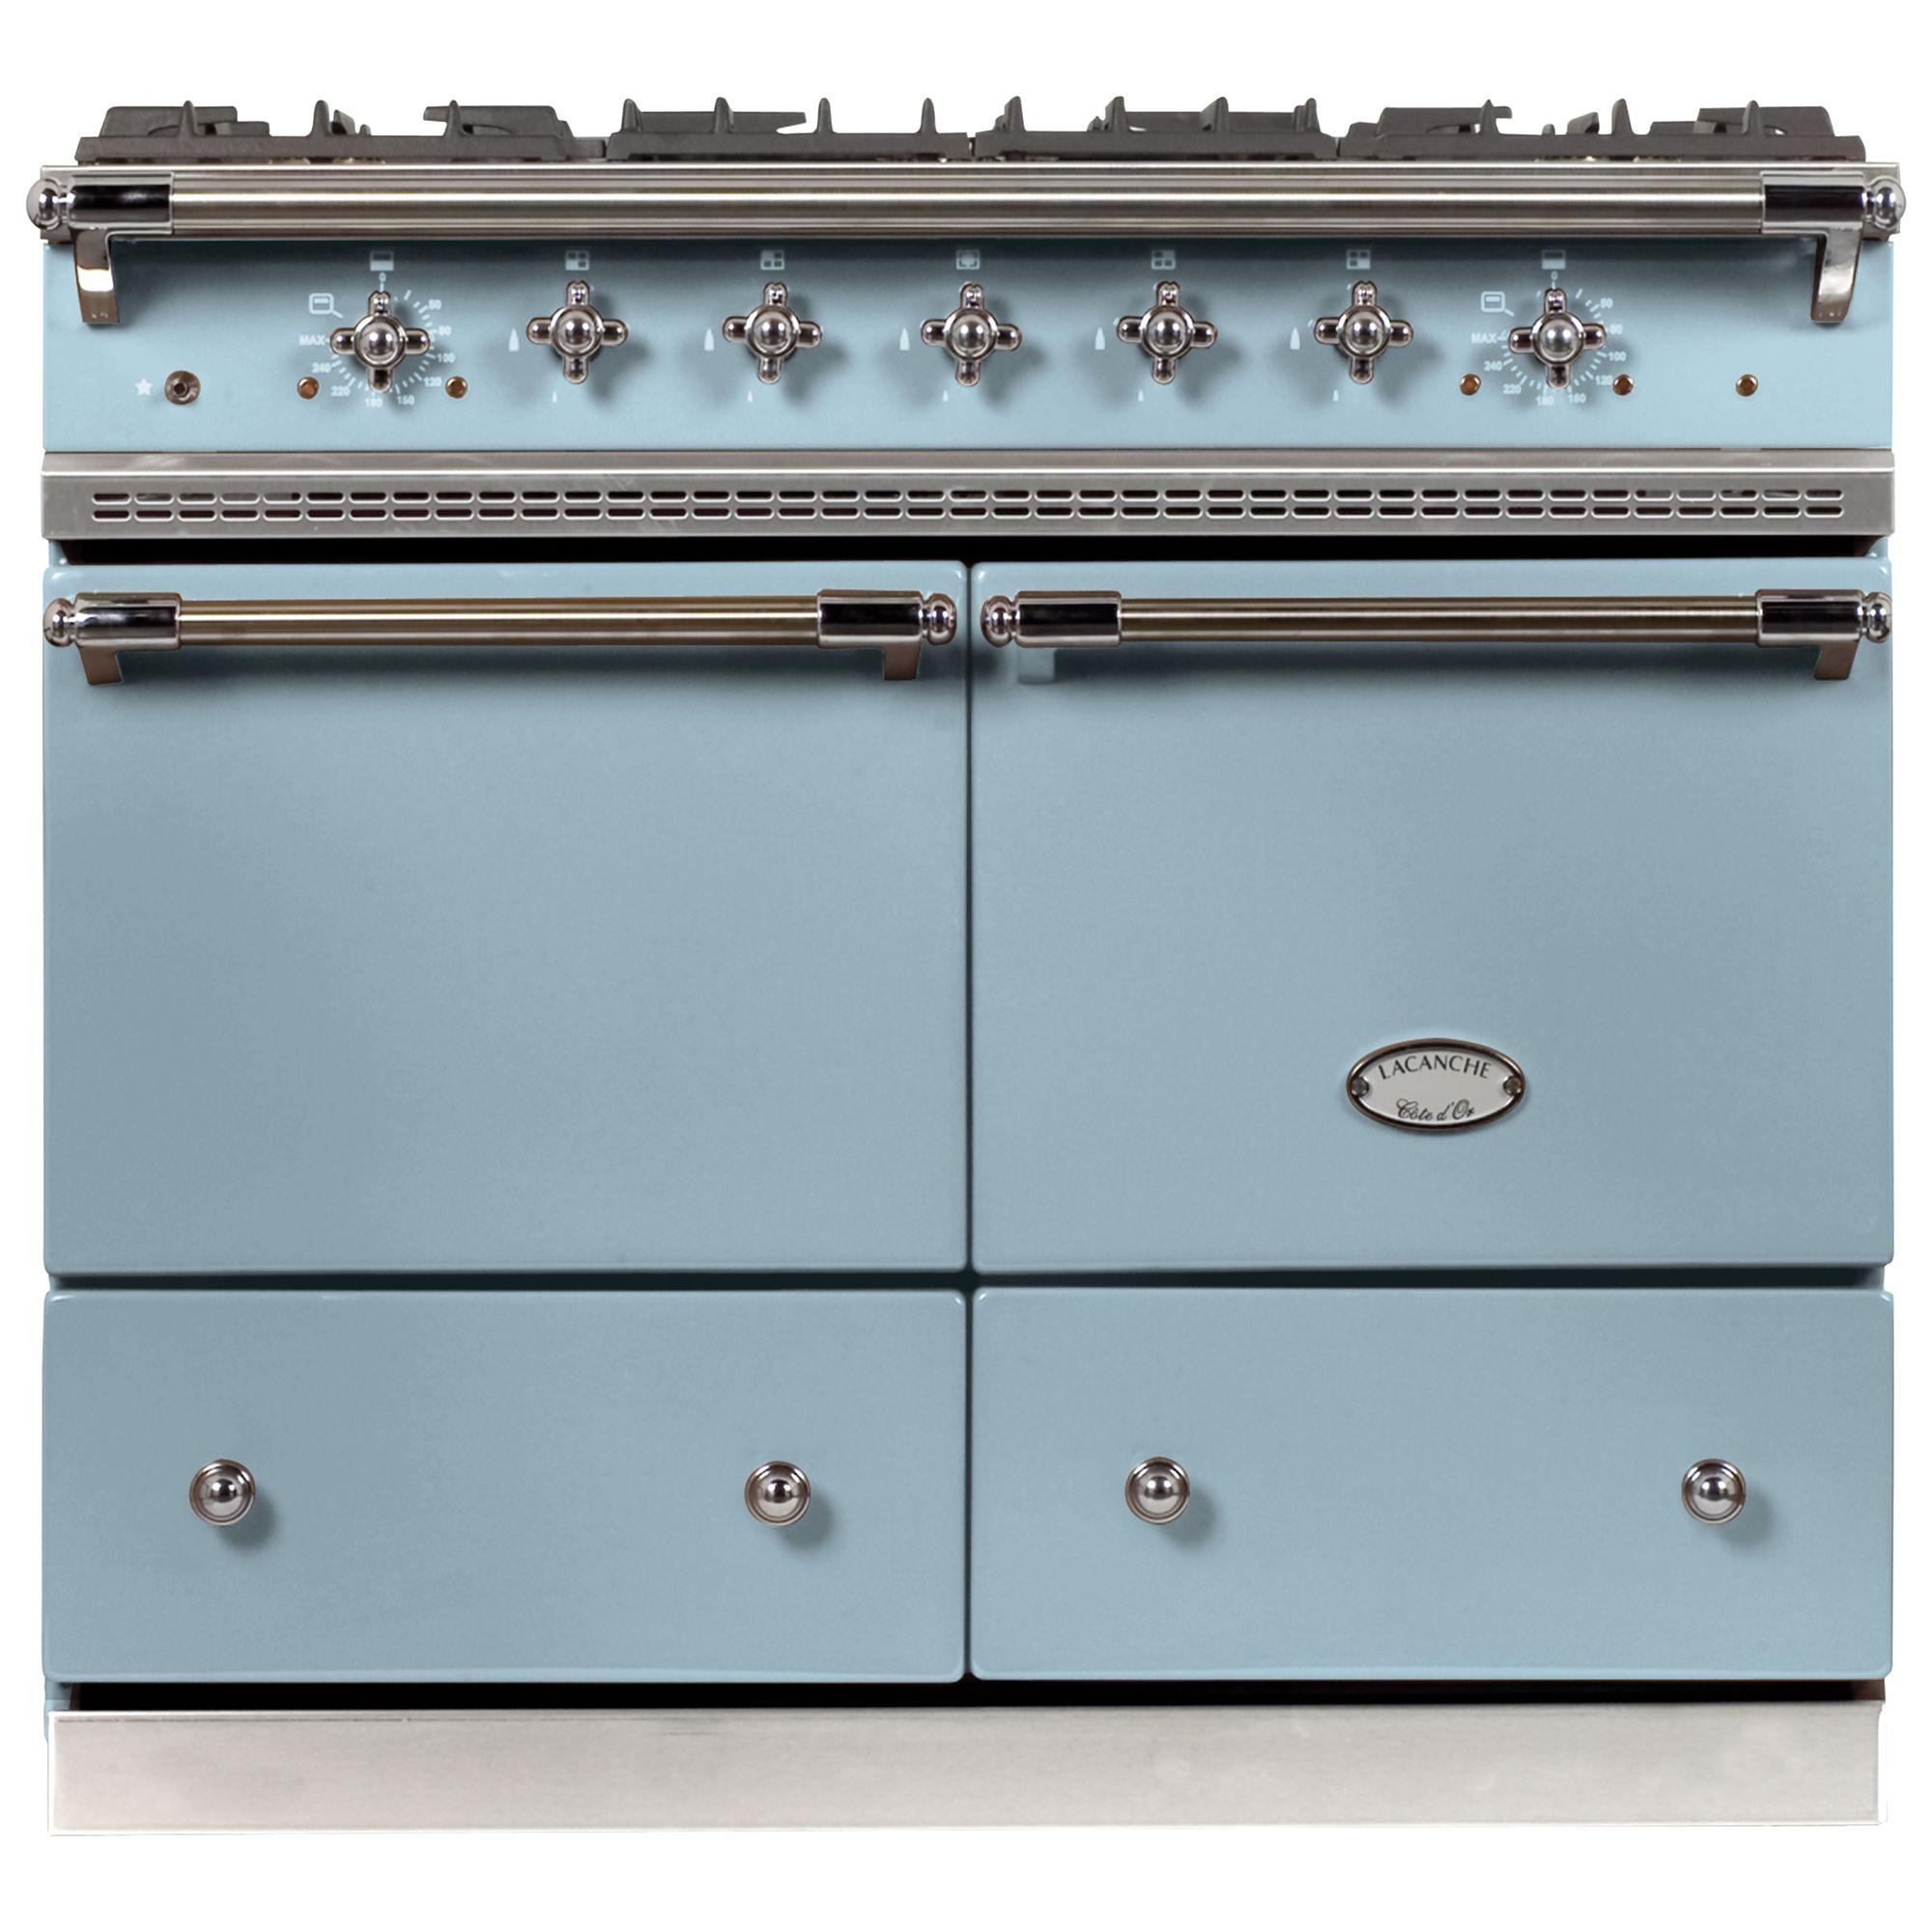 Lacanche Lacanche Cluny LG1052GCT Dual Fuel Range Cooker, Delft Blue / Chrome Trim